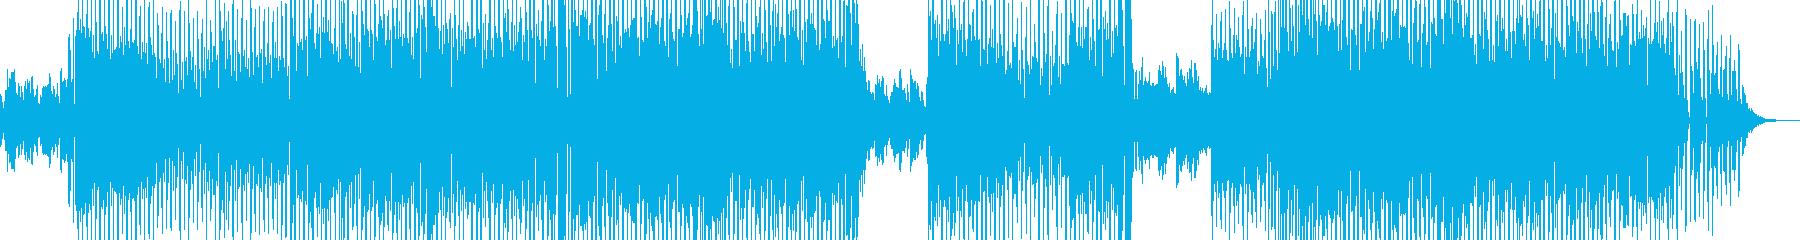 日常 落ち着く映像に適したテクノの再生済みの波形